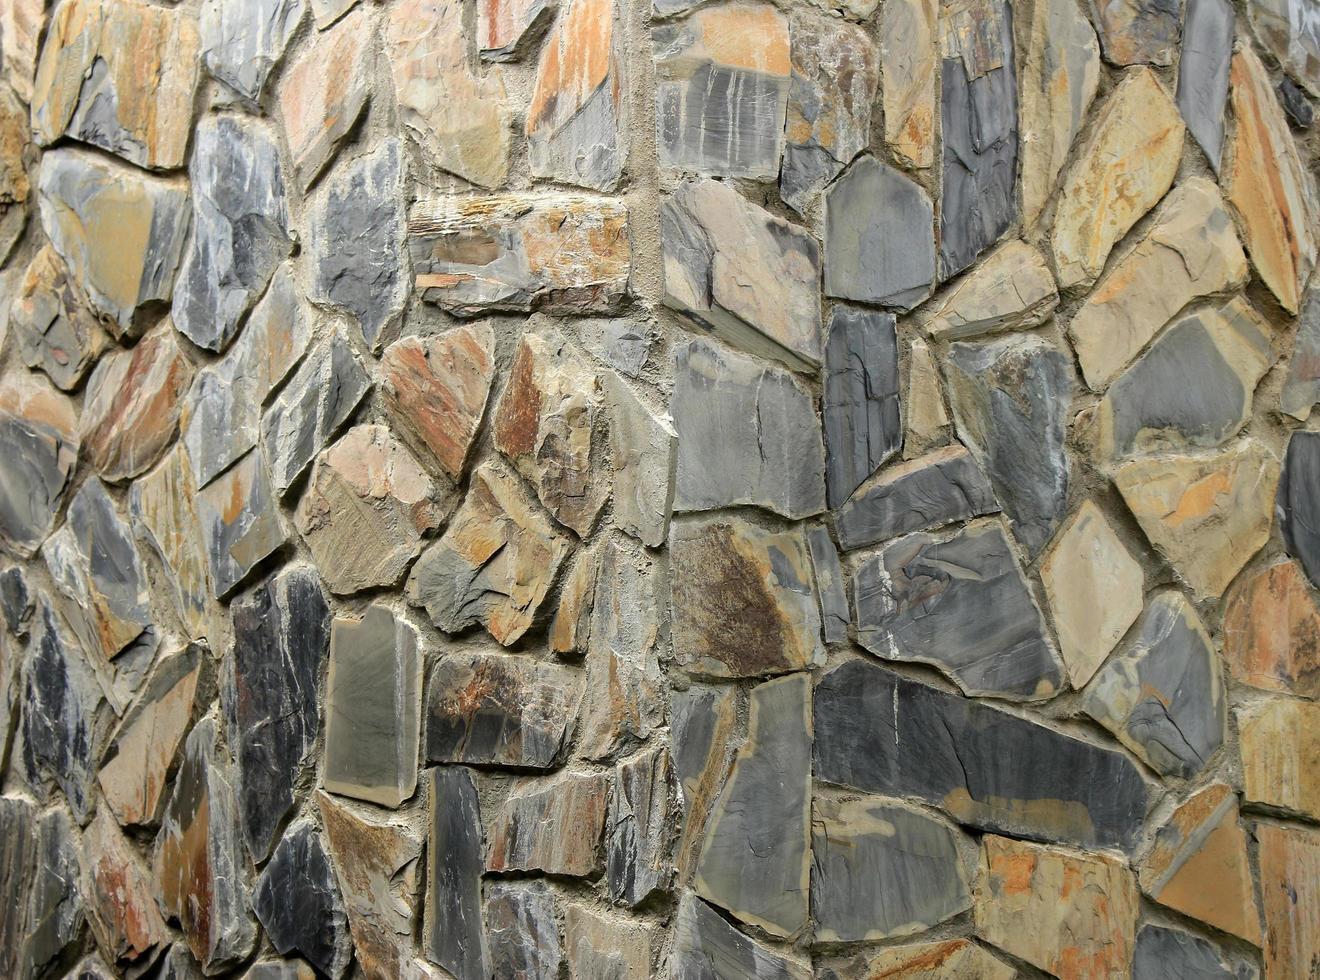 piedra marrón y gris foto